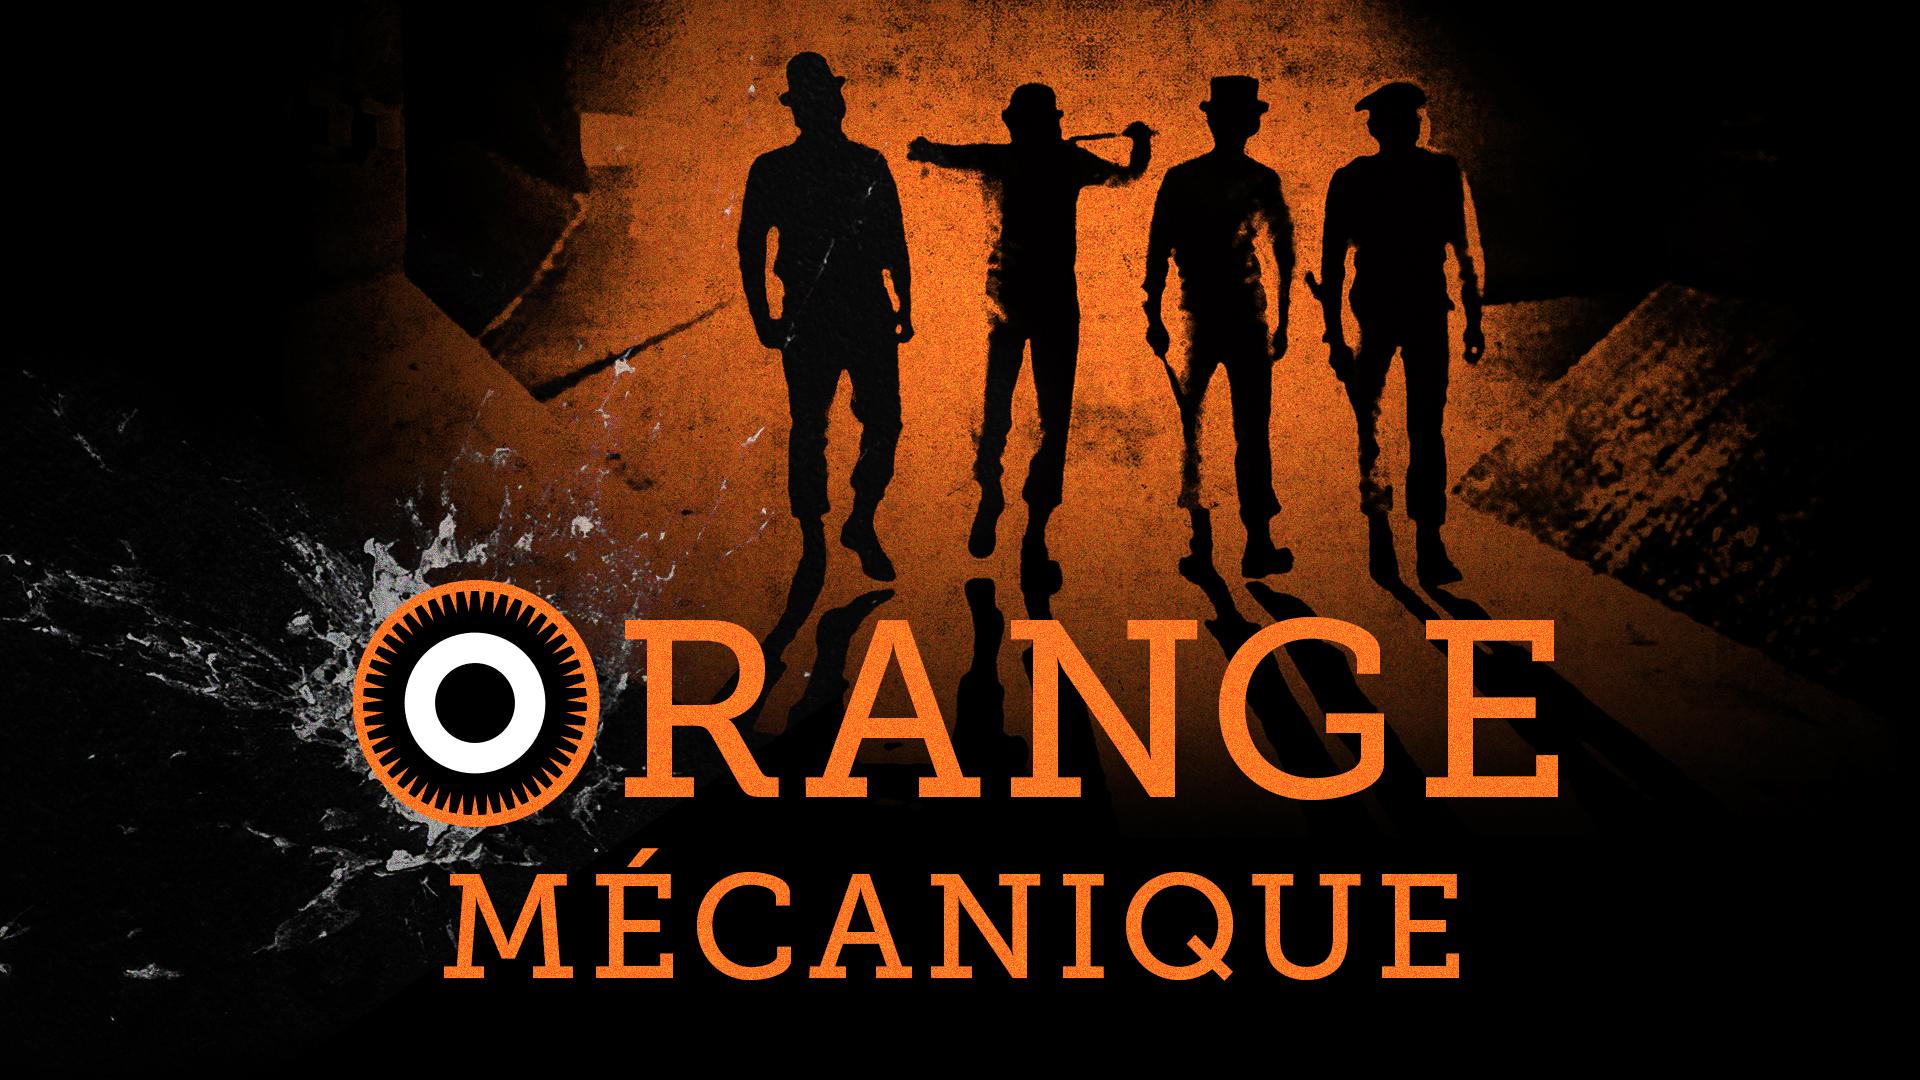 000 orange mécanique